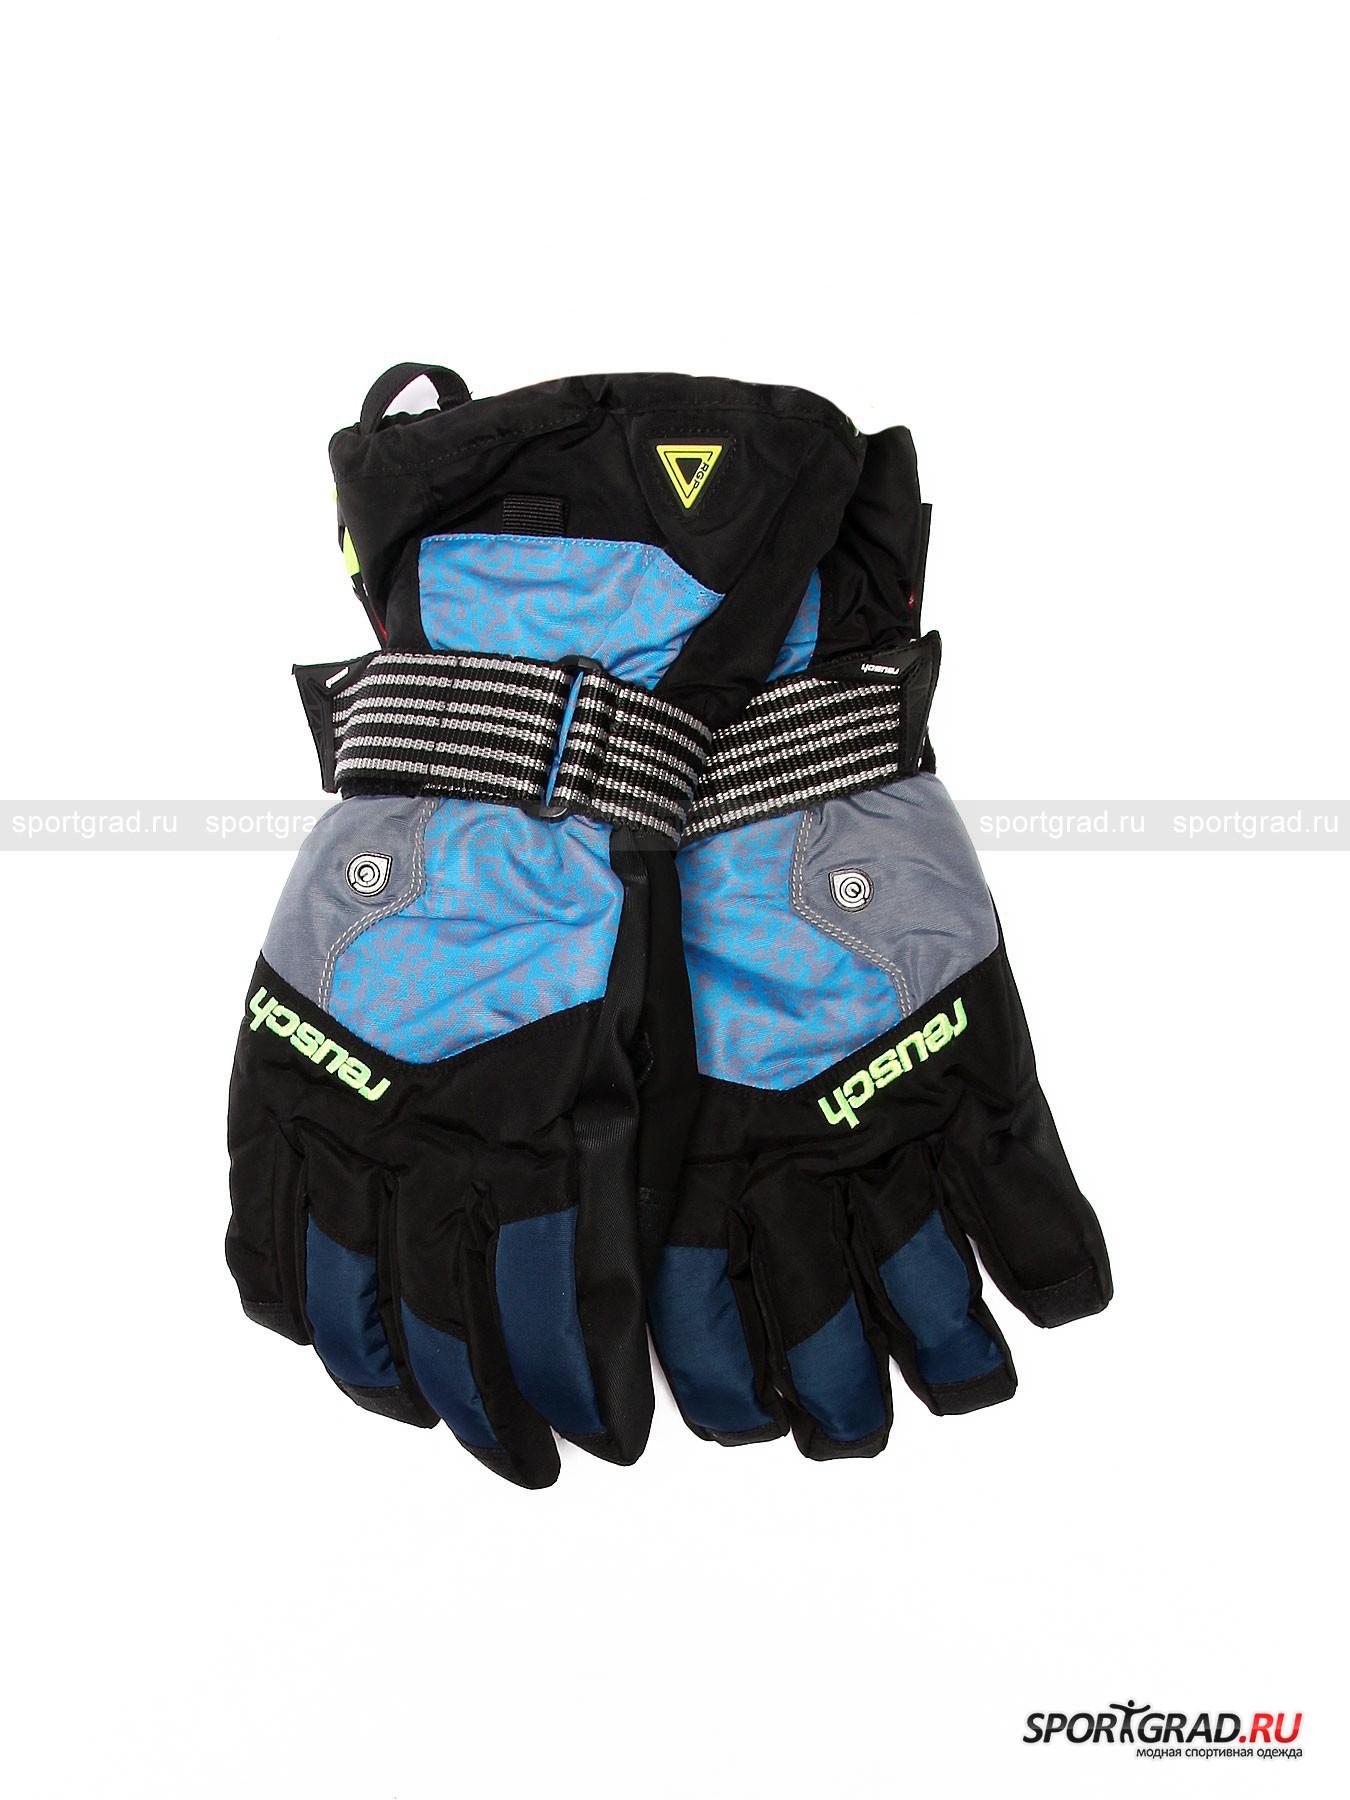 Перчатки горнолыжные мужские Reusch Double Flip R-TEX® XTПерчатки, Варежки,Шарфы<br>Надёжные горнолыжные перчатки Reusch Double Flip, снабжённые высококачественной мембраной R-TEX® XT by Reusch и технологией THERMO 3 с лёгкостью возьмут заботу о безопасности и комфорте Ваших рук на себя. Их продуманный до мельчайших деталей дизайн удовлетворит как требованиям начинающих спортсменов, так и бывалых райдеров. Модель выполнена в двух расцветках: тёмной и более яркой, так что Вам остаётся только выбрать цвет, а заботу о Вашей безопасности и комфорте предоставьте специалистам Reusch.<br><br>Перчатки имеют:<br>- эргономичный анатомический крой, повторяющий изгиб пальцев;<br>- съёмную защитную вставку ORTHO-TEC®ONE by Reusch, фиксирующую запястье в правильном положении;<br>- высококачественную дышащую непромокаемую и непродуваемую мембрану R-TEX® XT by Reusch;<br>- особый закруглённый крой кончиков пальцев;<br>- фирменный компактный утеплитель TecFill;<br>- мягкую функциональную подкладку;<br>- широкие манжеты с ярко-оранжевыми затяжными шнурами и фиксаторами;<br>- резиновую отделку лицевой стороны ладони;<br>- утягивающую полосатую ленту на липучке на уровне запястья;<br>- цепкие износоустойчивые накладки из рифлёной резины с двух сторон;<br>- фигурные амортизирующие накладки разной формы на ладони;<br>- текстильная износоустойчивая вставка из материала CORDURA на внутренней стороне большого пальца;<br>- резинки на запястья для исключения потери варежек и удобства ношения;<br>- вышитое имя бренда, а также резиновые логотипы компании Reusch на тыльной стороне ладони.<br><br>Пол: Мужской<br>Возраст: Взрослый<br>Тип: Перчатки, Варежки,Шарфы<br>Рекомендации по уходу: Деликатная ручная стирка при 30 градусах.<br>Состав: Полиэстер, нейлон, полиуретан, резина, CORDURA.